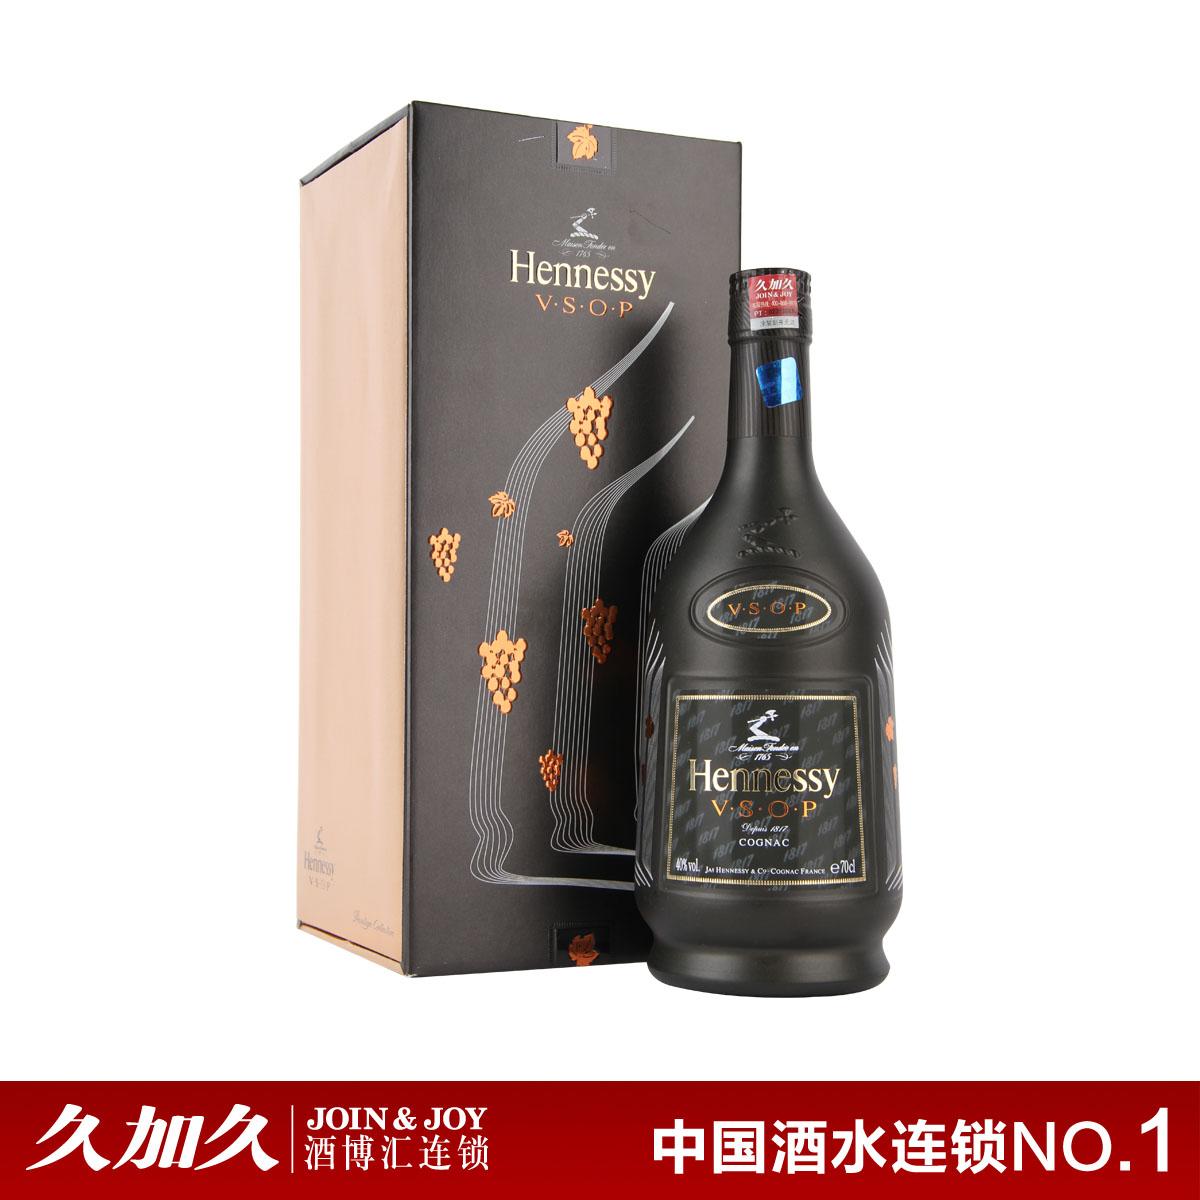 轩尼诗vsop纪念版_久加久洋酒 法国轩尼诗VSOP干邑白兰地礼盒 进口正品烈酒700ml